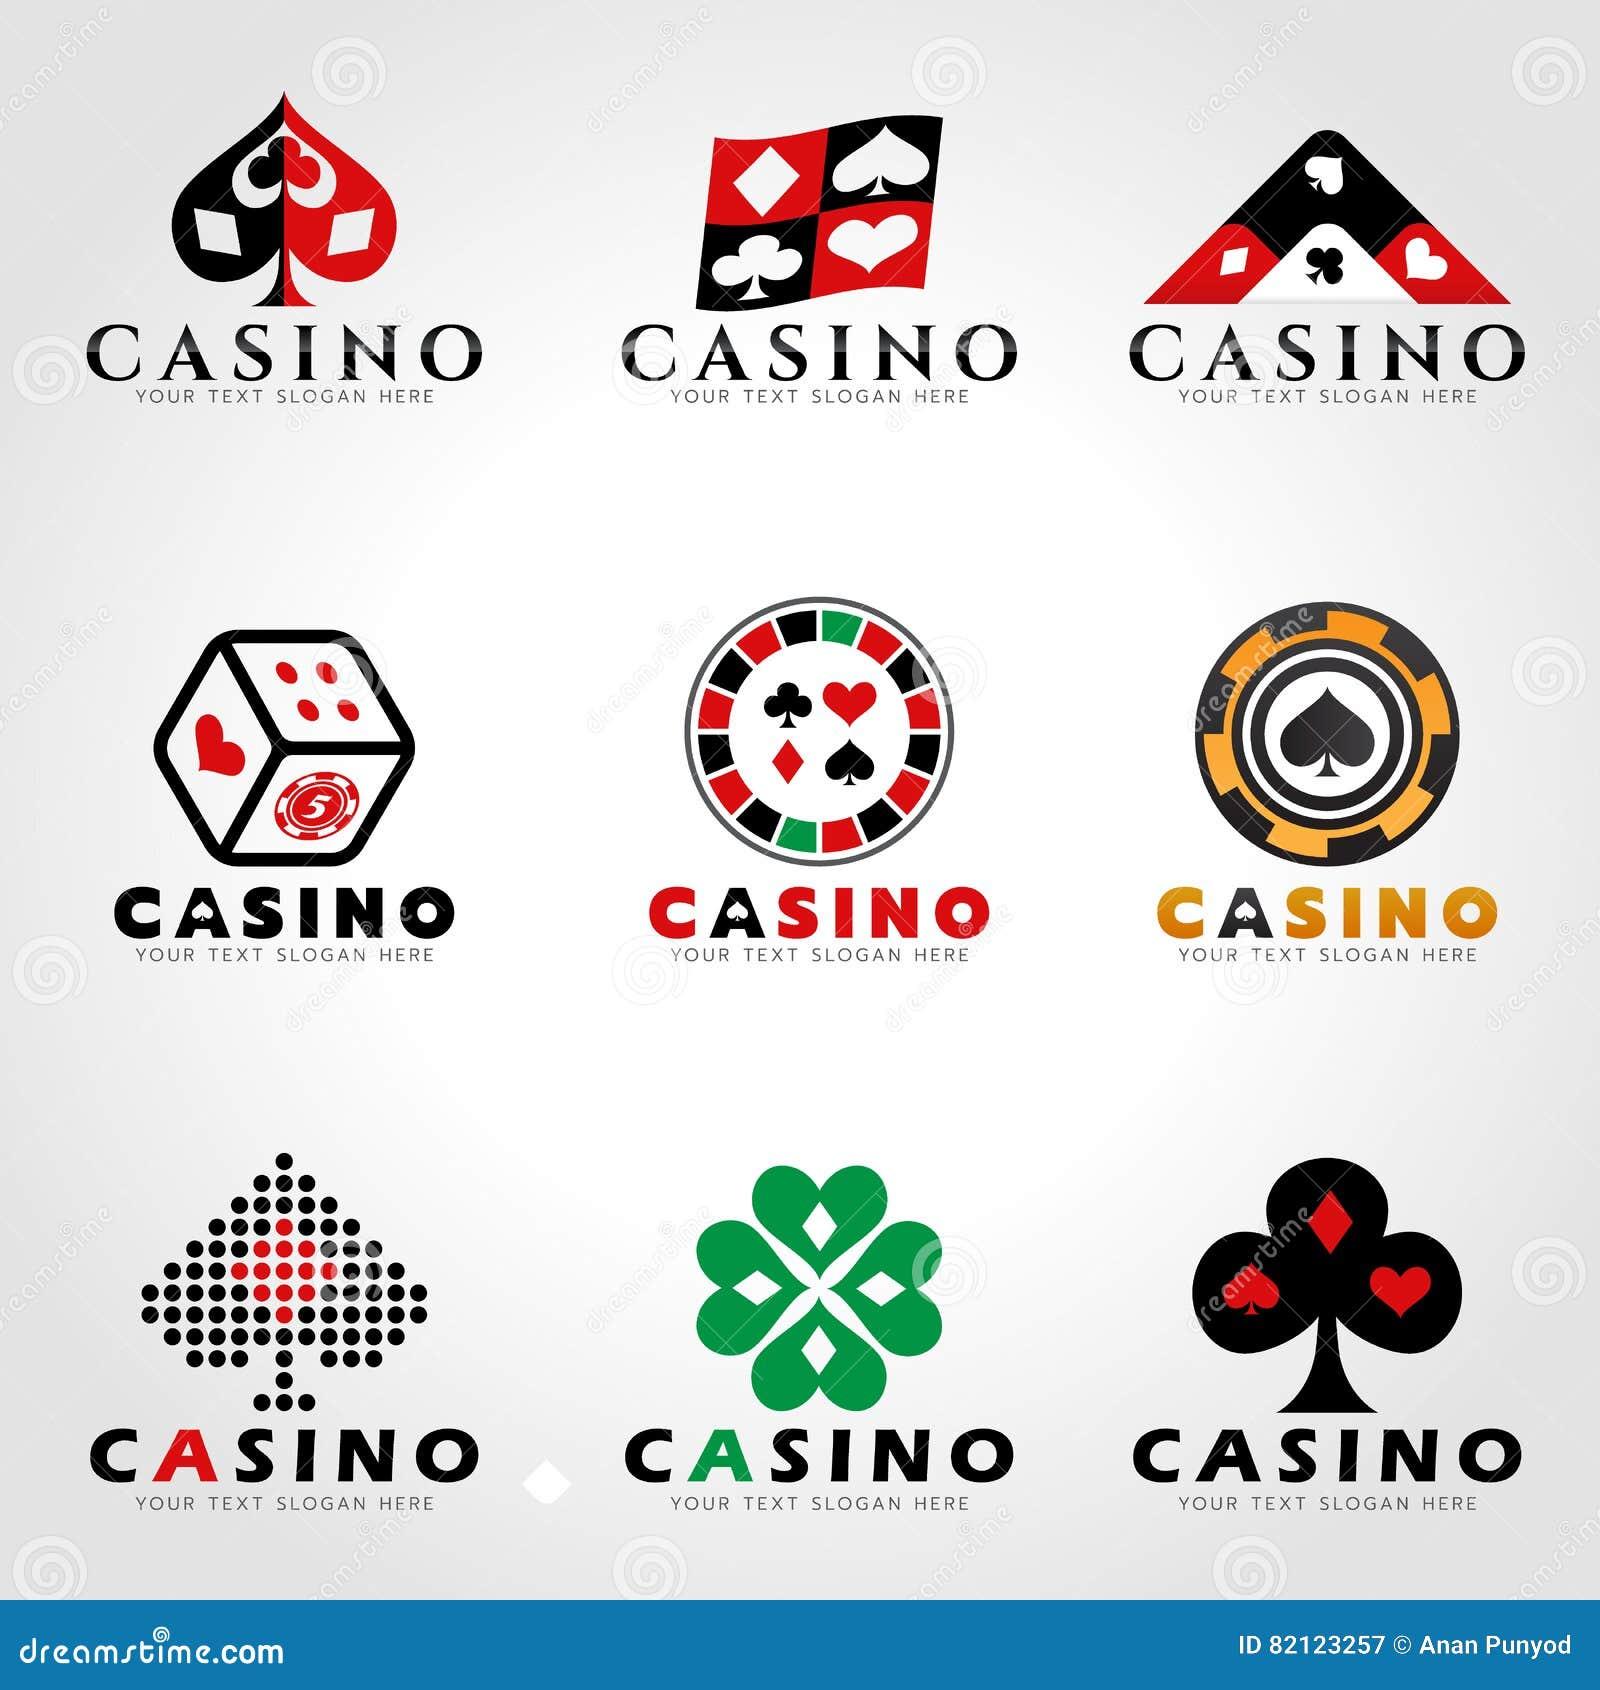 Казино логотипы чат рулетка видео смотреть онлайн